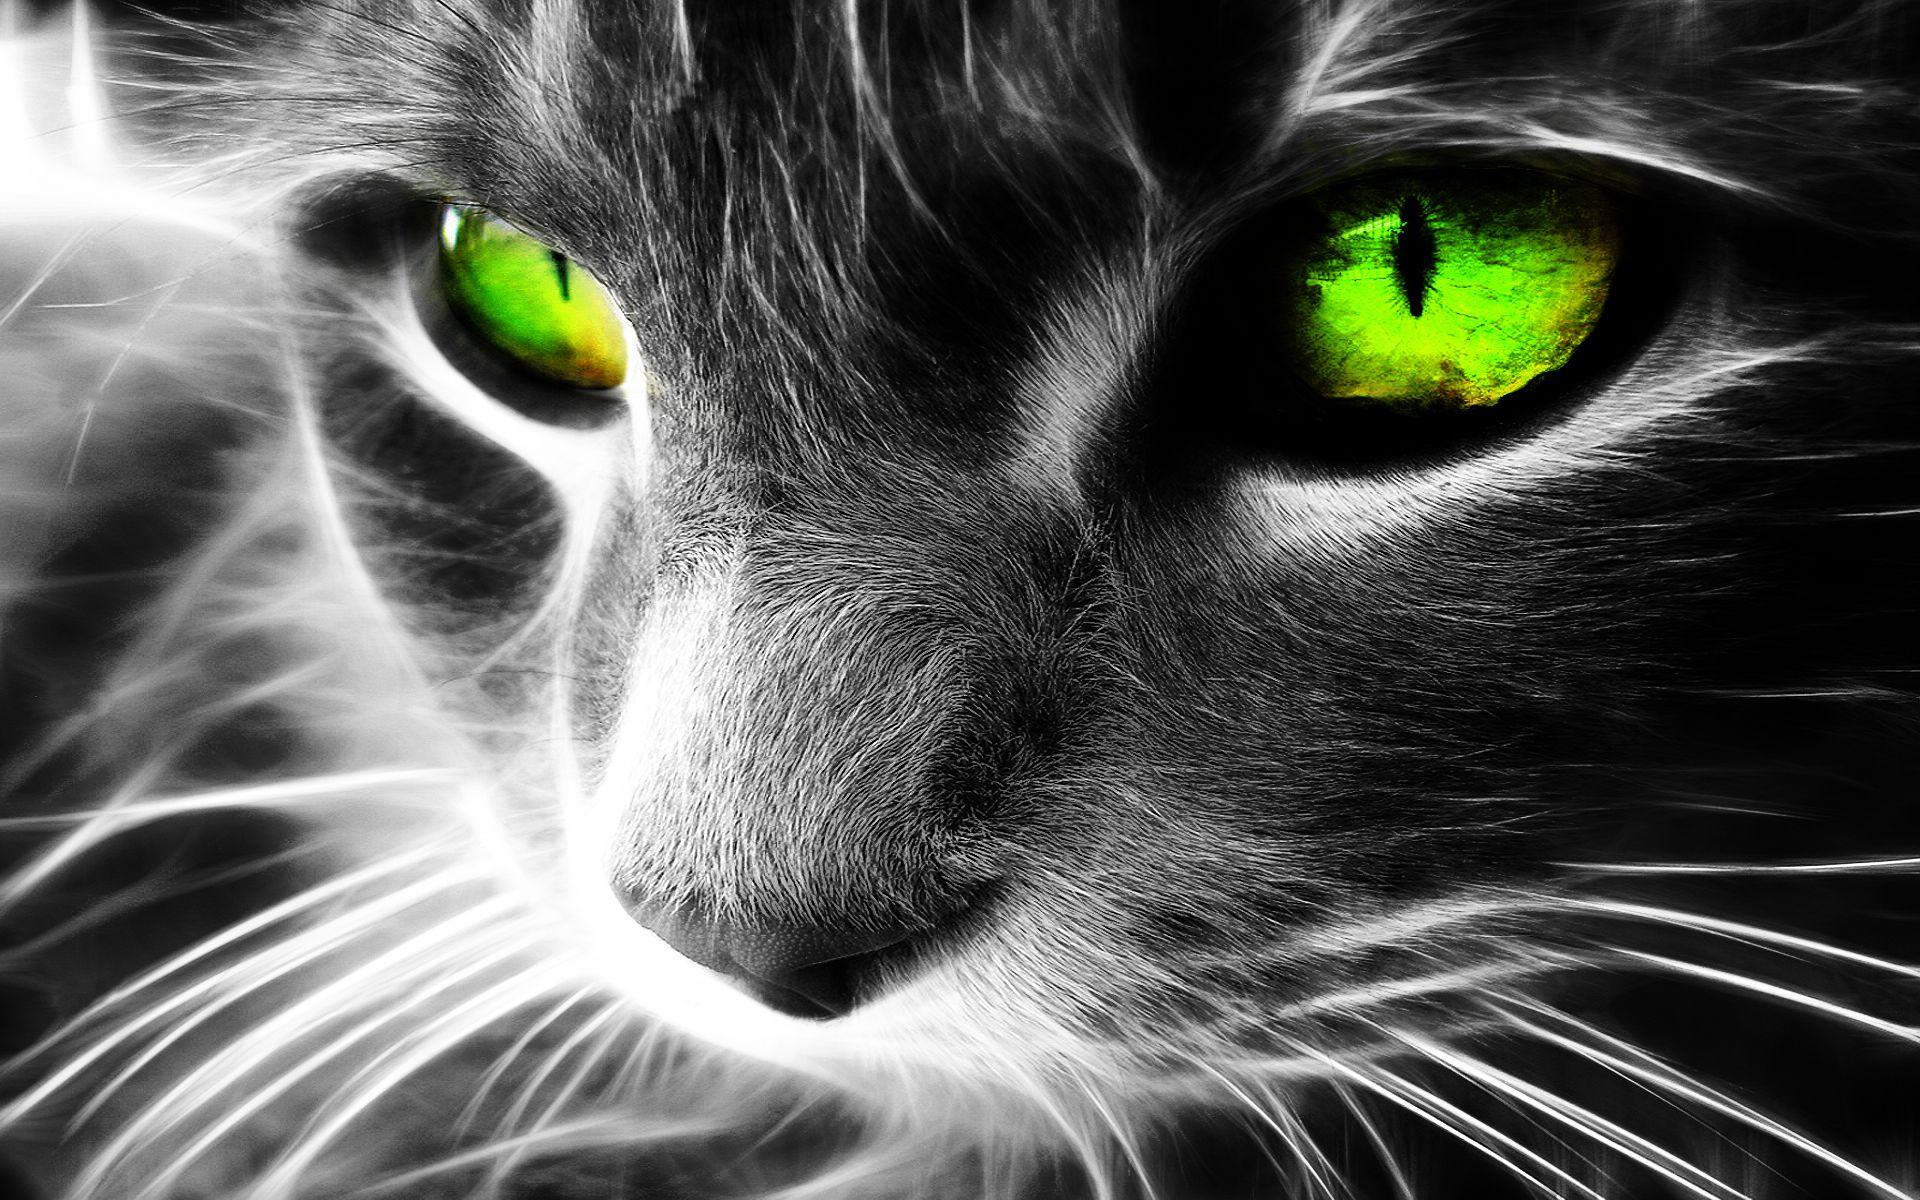 Кошка с зелеными изумрудными глазами, фото бои